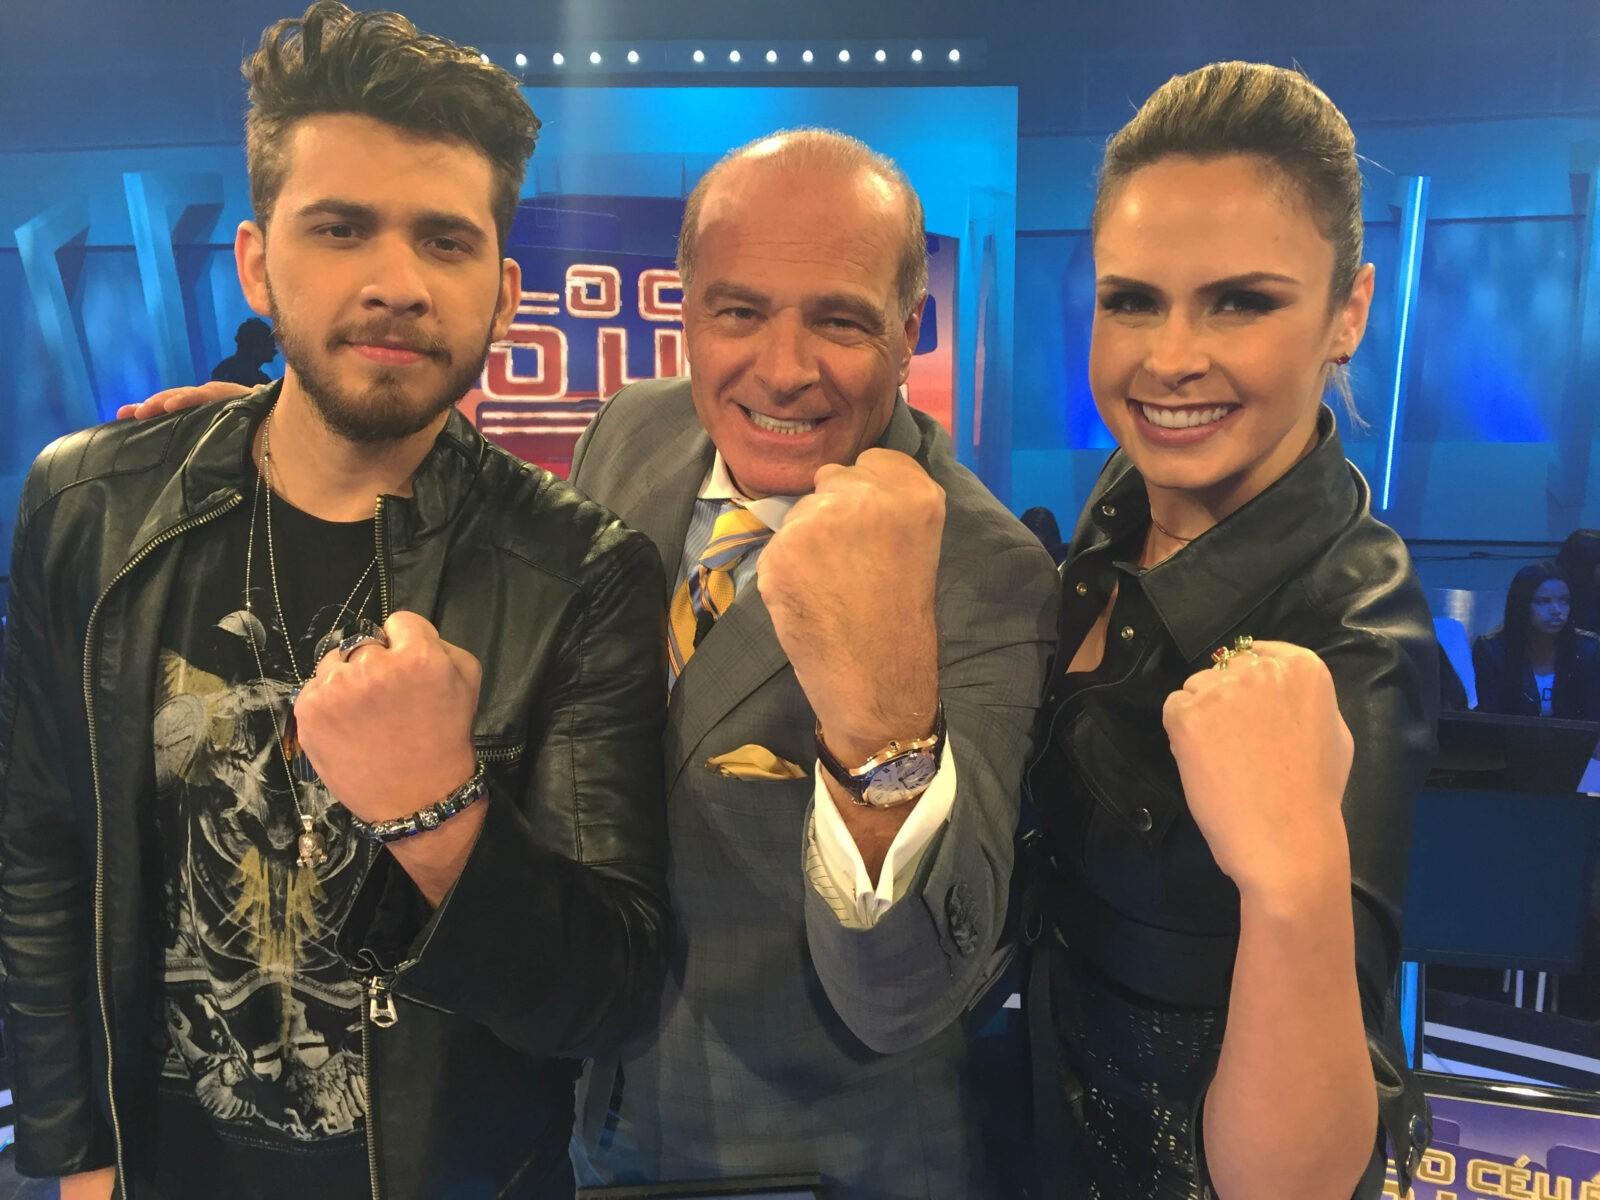 Ana Paula Renault e Gustavo Mioto participam de 'O Céu é o Limite' deste sábado (29) *Crédito/Foto: Divulgação/RedeTV!